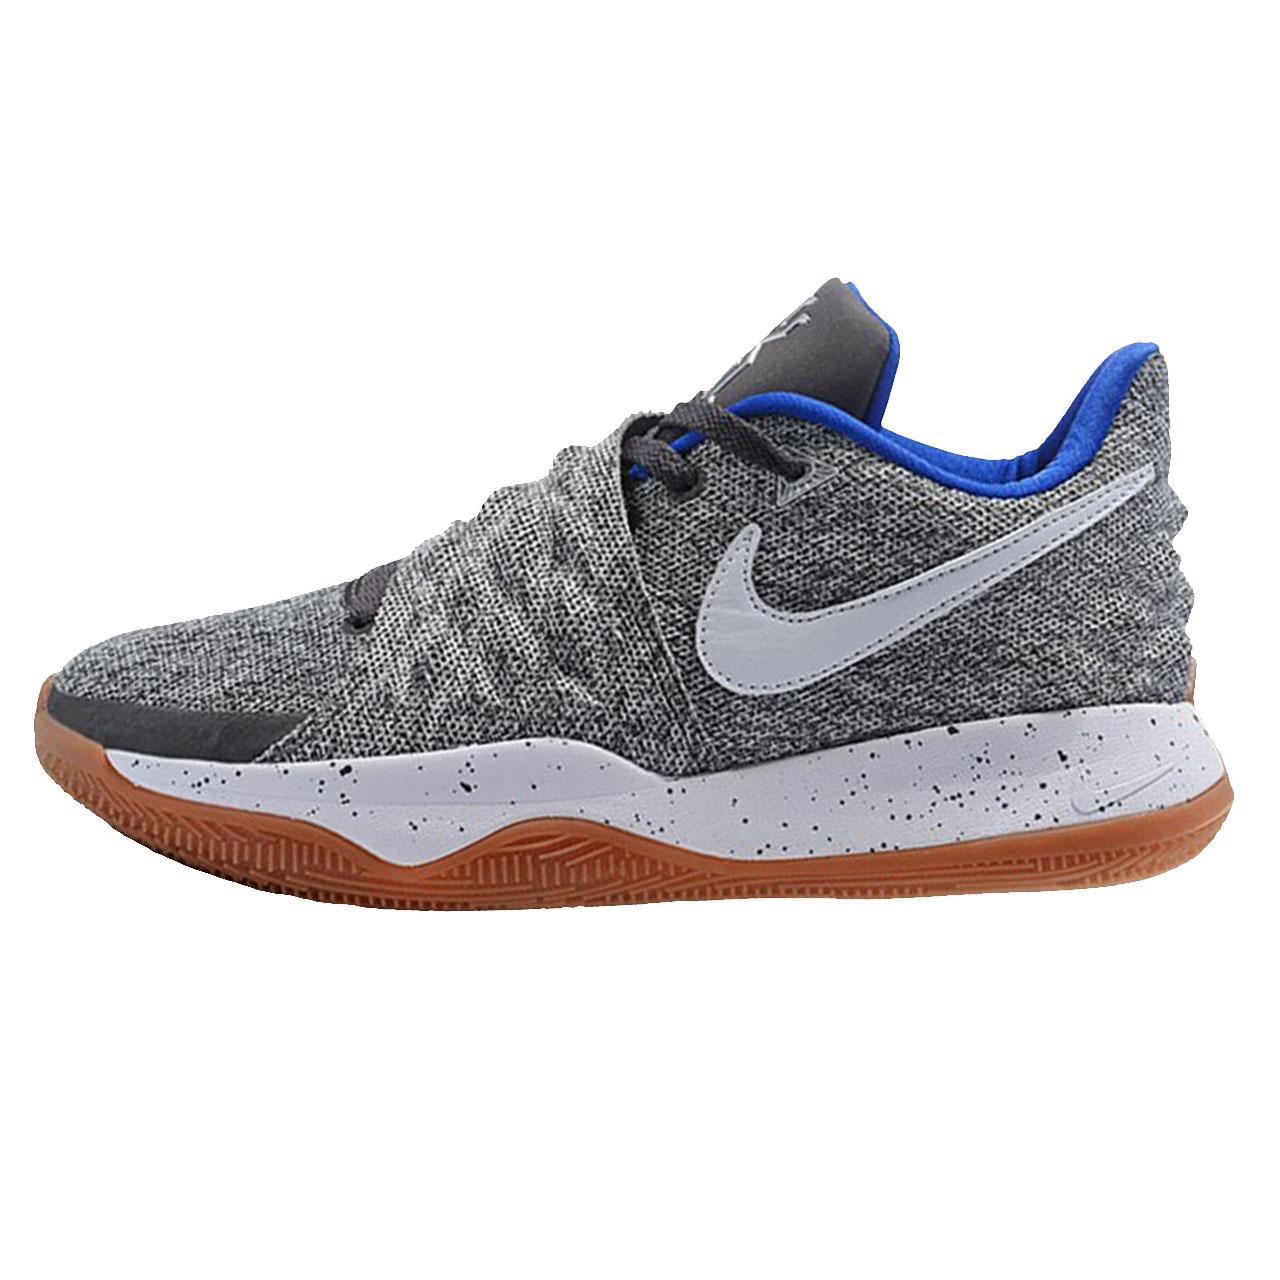 کفش مخصوص بسکتبال مردانه مدل Kyrie Low